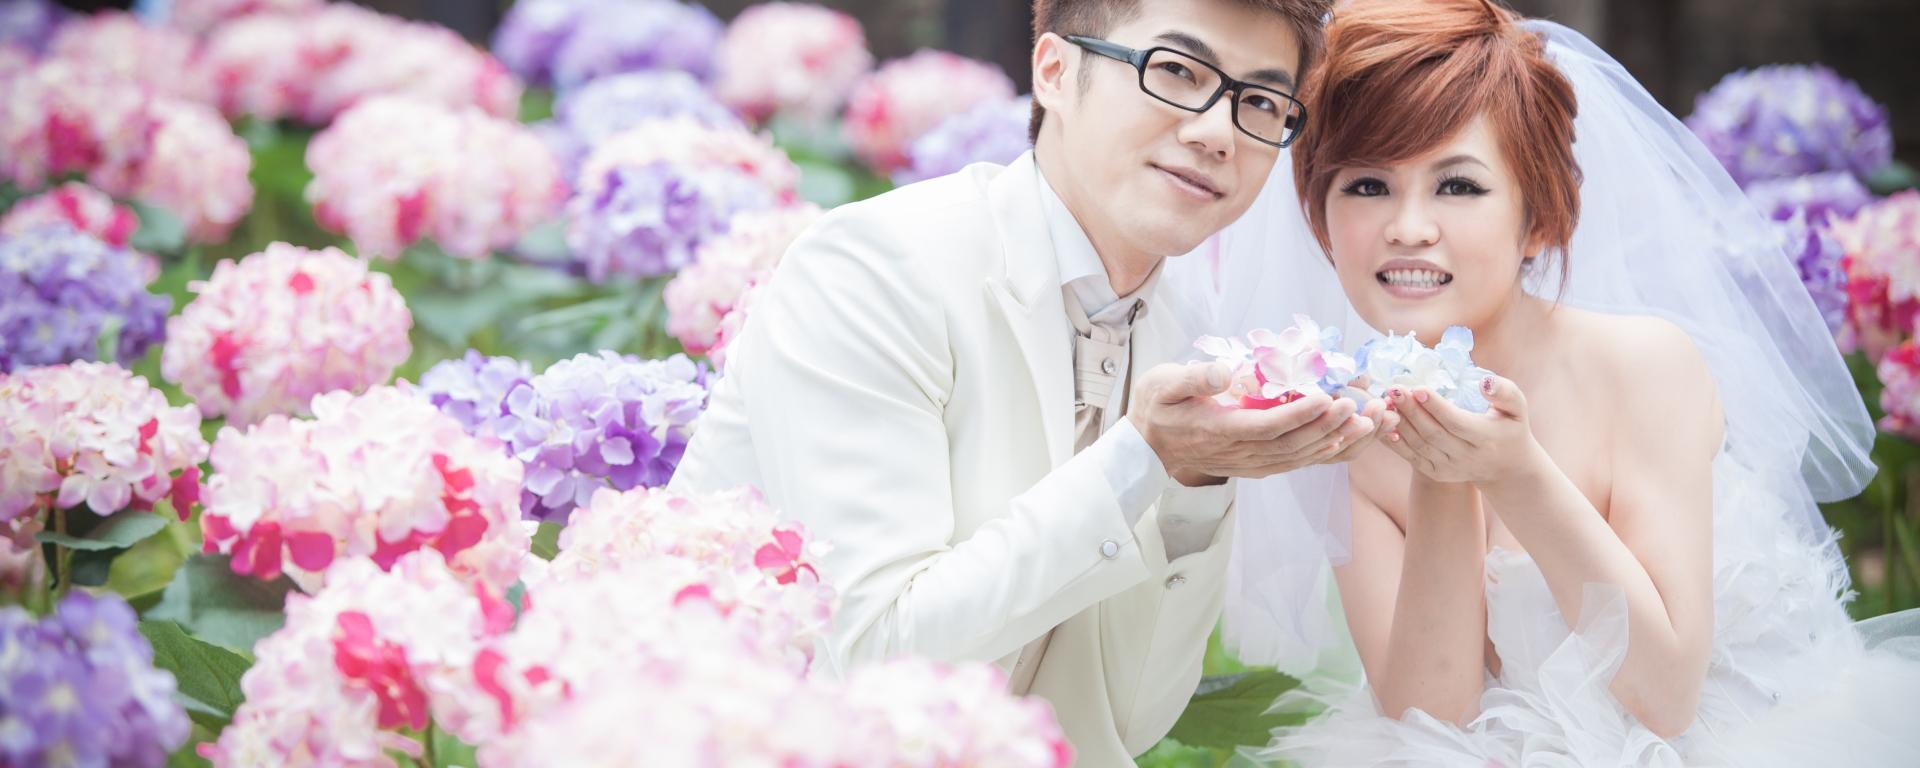 台灣婚紗攝影景點推薦